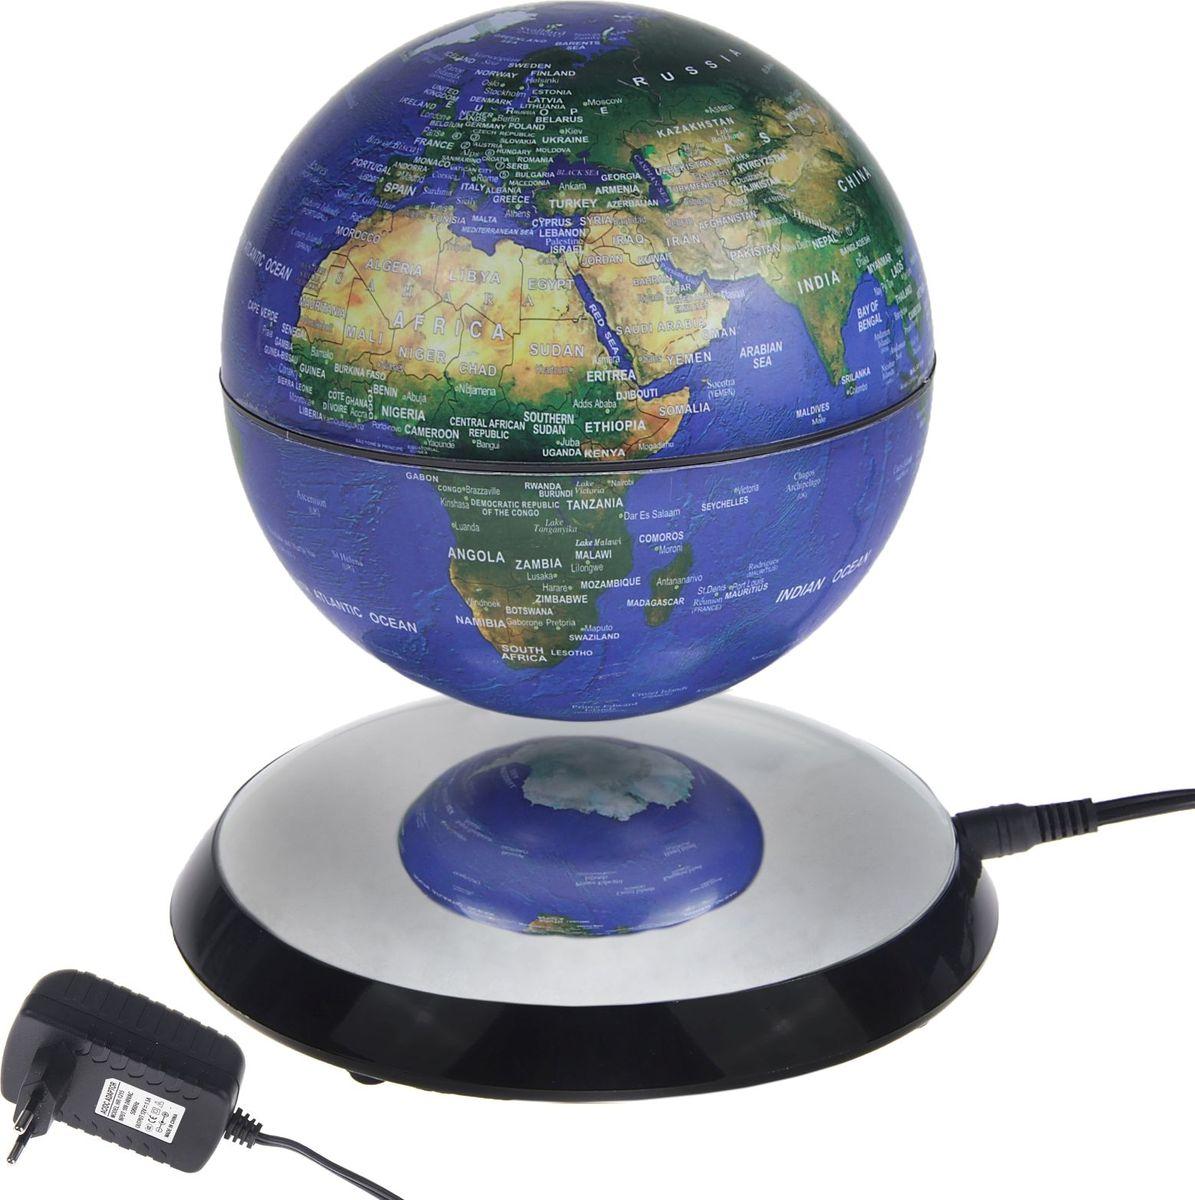 Глобус Политическая карта на английском языке диаметр 10 см400292Глобус сувенирный d=10 см на магнитное поле d=17 см, h=16 см, политическая карта, английский язык, 220 В — это украшение рабочего места и кладезь полезной информации о Земле. С его помощью вы увидите полет планеты в миниатюре. Этот гаджет имеет еще несколько названий: антигравитационный, левитирующий или левитрон. Раскроем секрет этого чуда. В базу встроен электромагнит, а в шар — магнит с противоположным зарядом. В результате сфера зависает в воздухе и вращается вокруг своей оси. Особенности антигравитационного глобуса Поворачивайте шар, пока он парит в воздухе. Это снимает нервное напряжение и помогает отвлечься от рутинной работы. Оригинальная задумка станет вашим источником вдохновения во время умственного процесса.